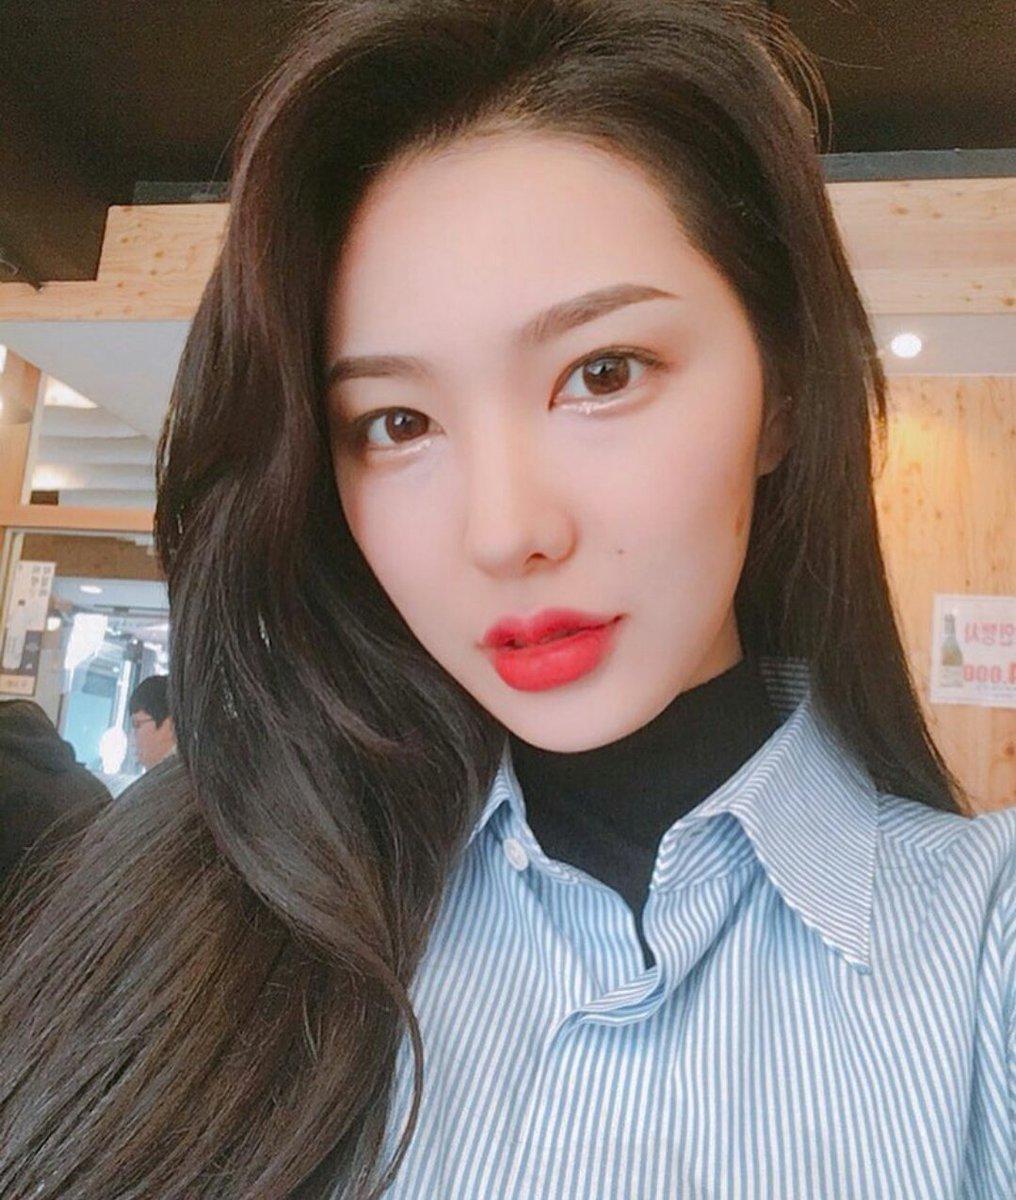 Chiêm ngưỡng nhan sắc xinh đẹp của em gái Yoon Jisung: Fan cho rằng cô có thể trở thành thần tượng K-Pop! ảnh 2